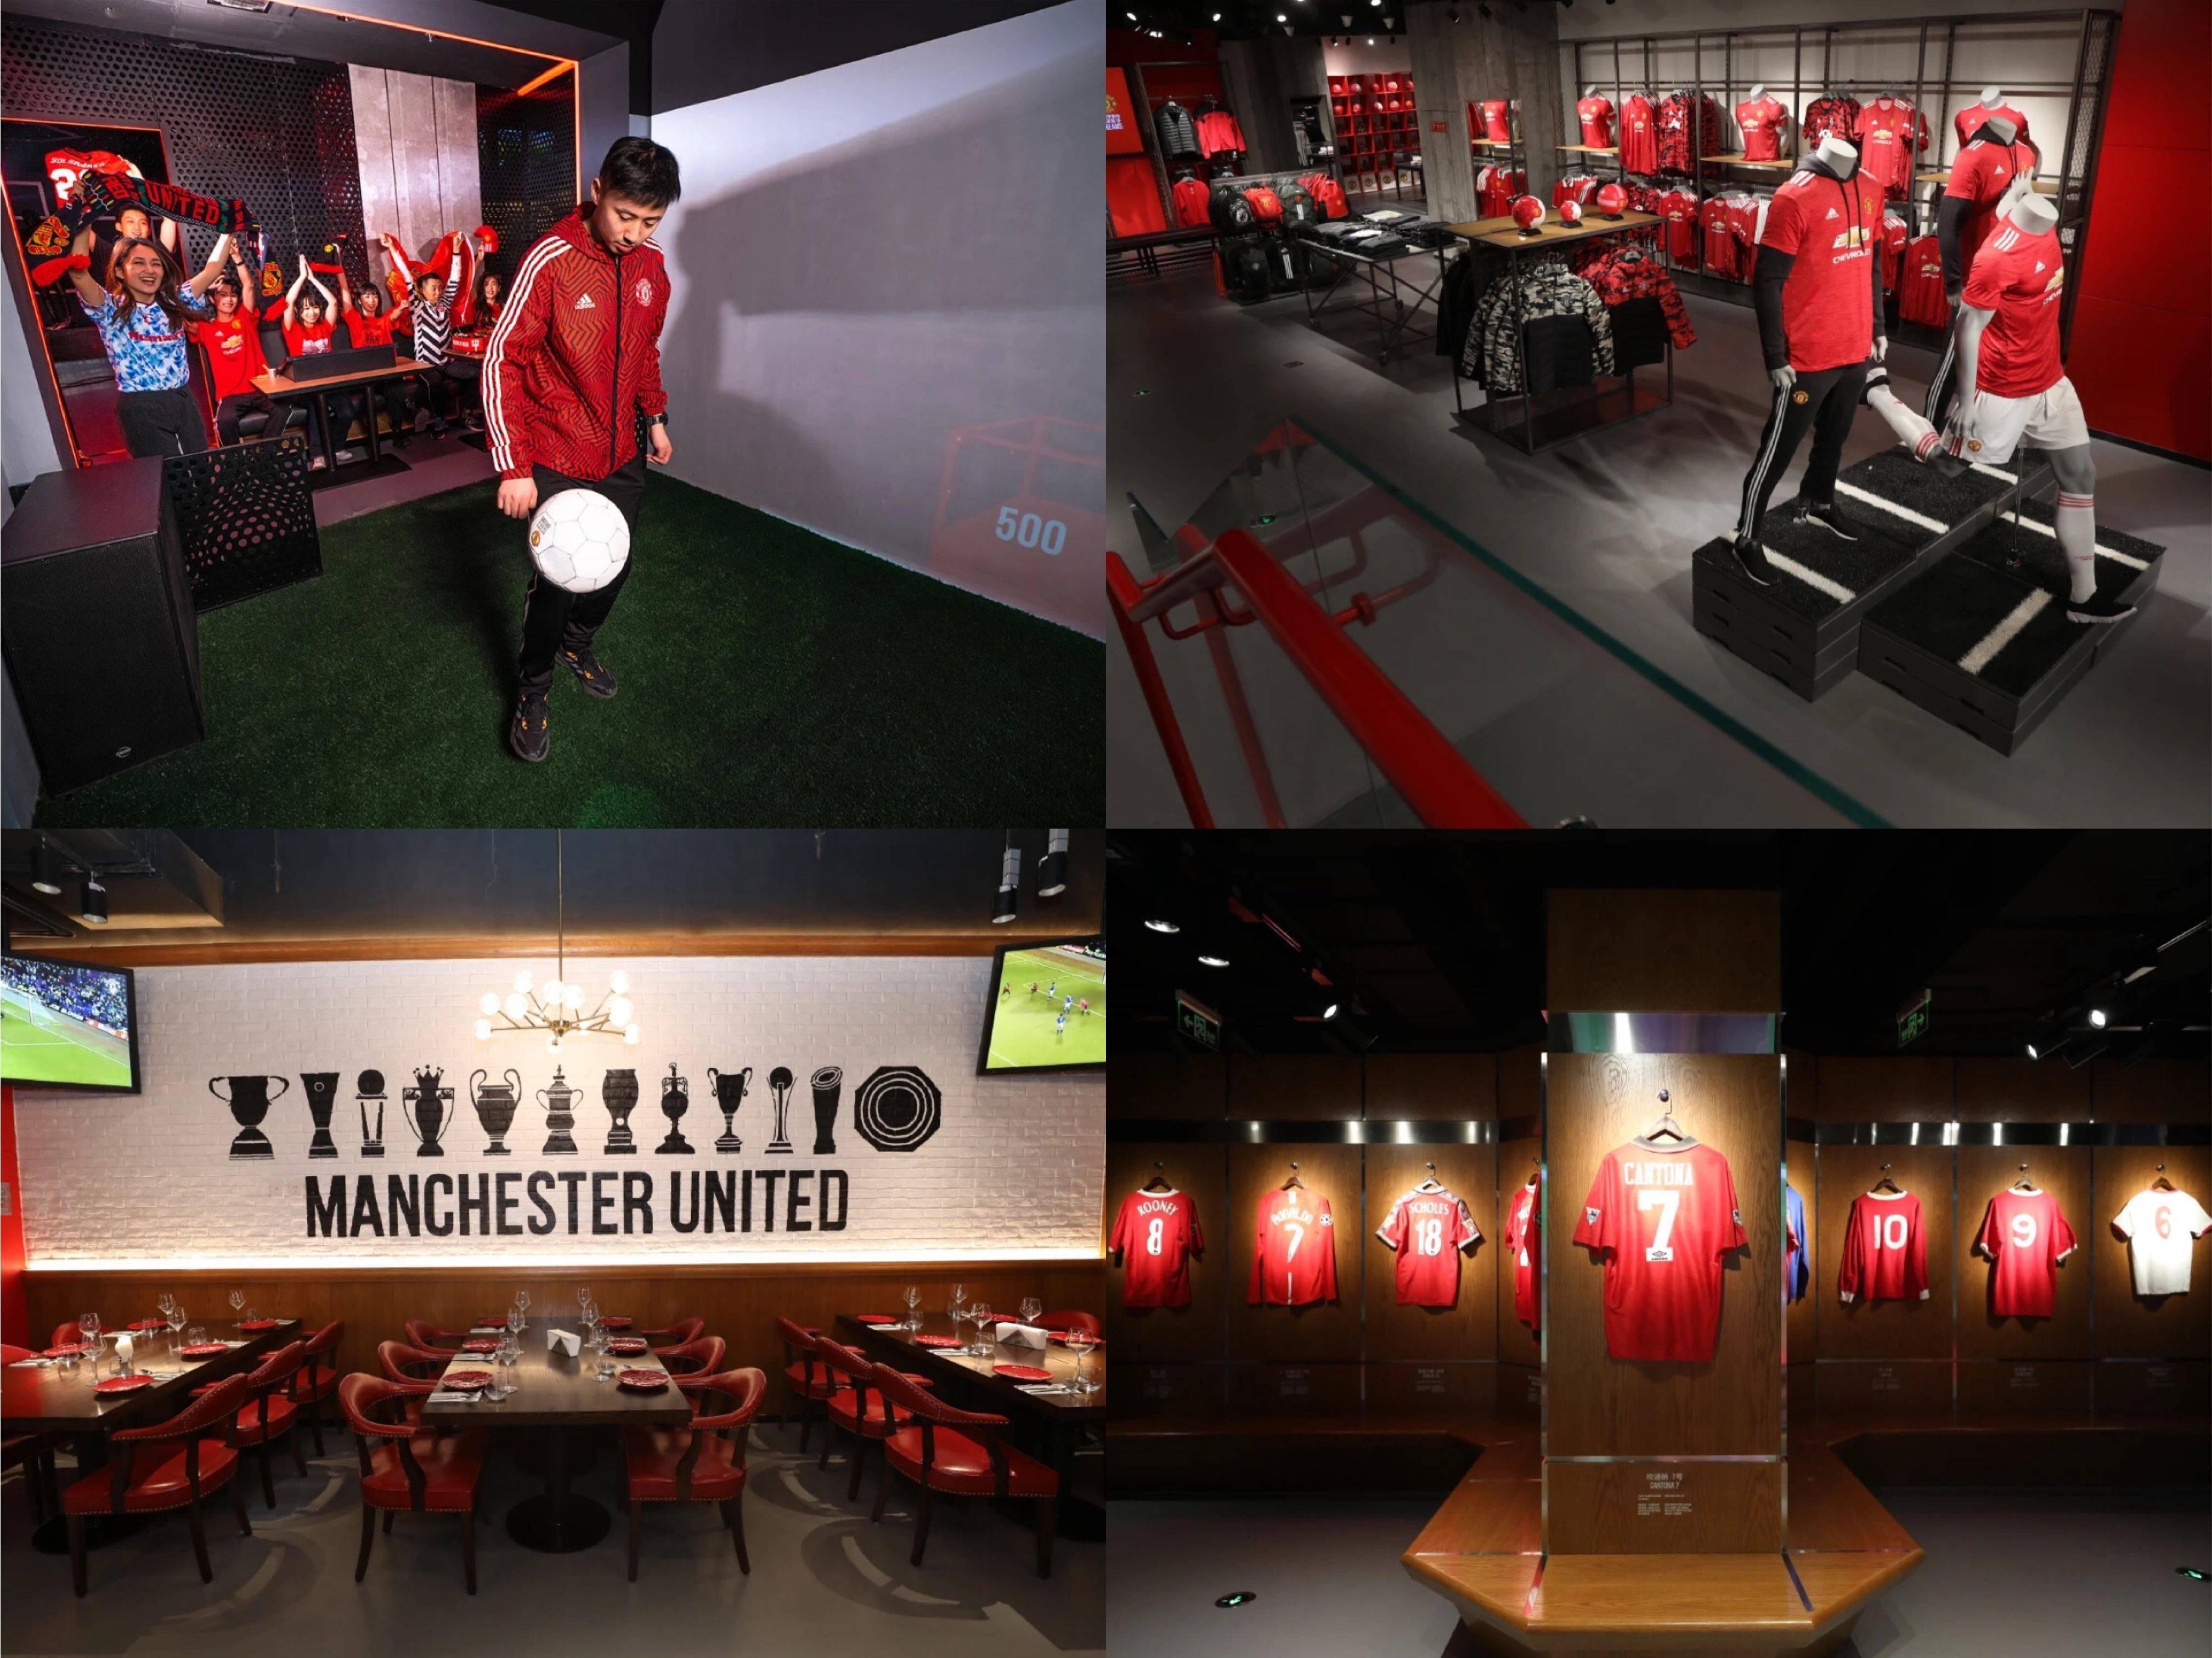 新店|又有首店亮相国都,体验英式足球文化、